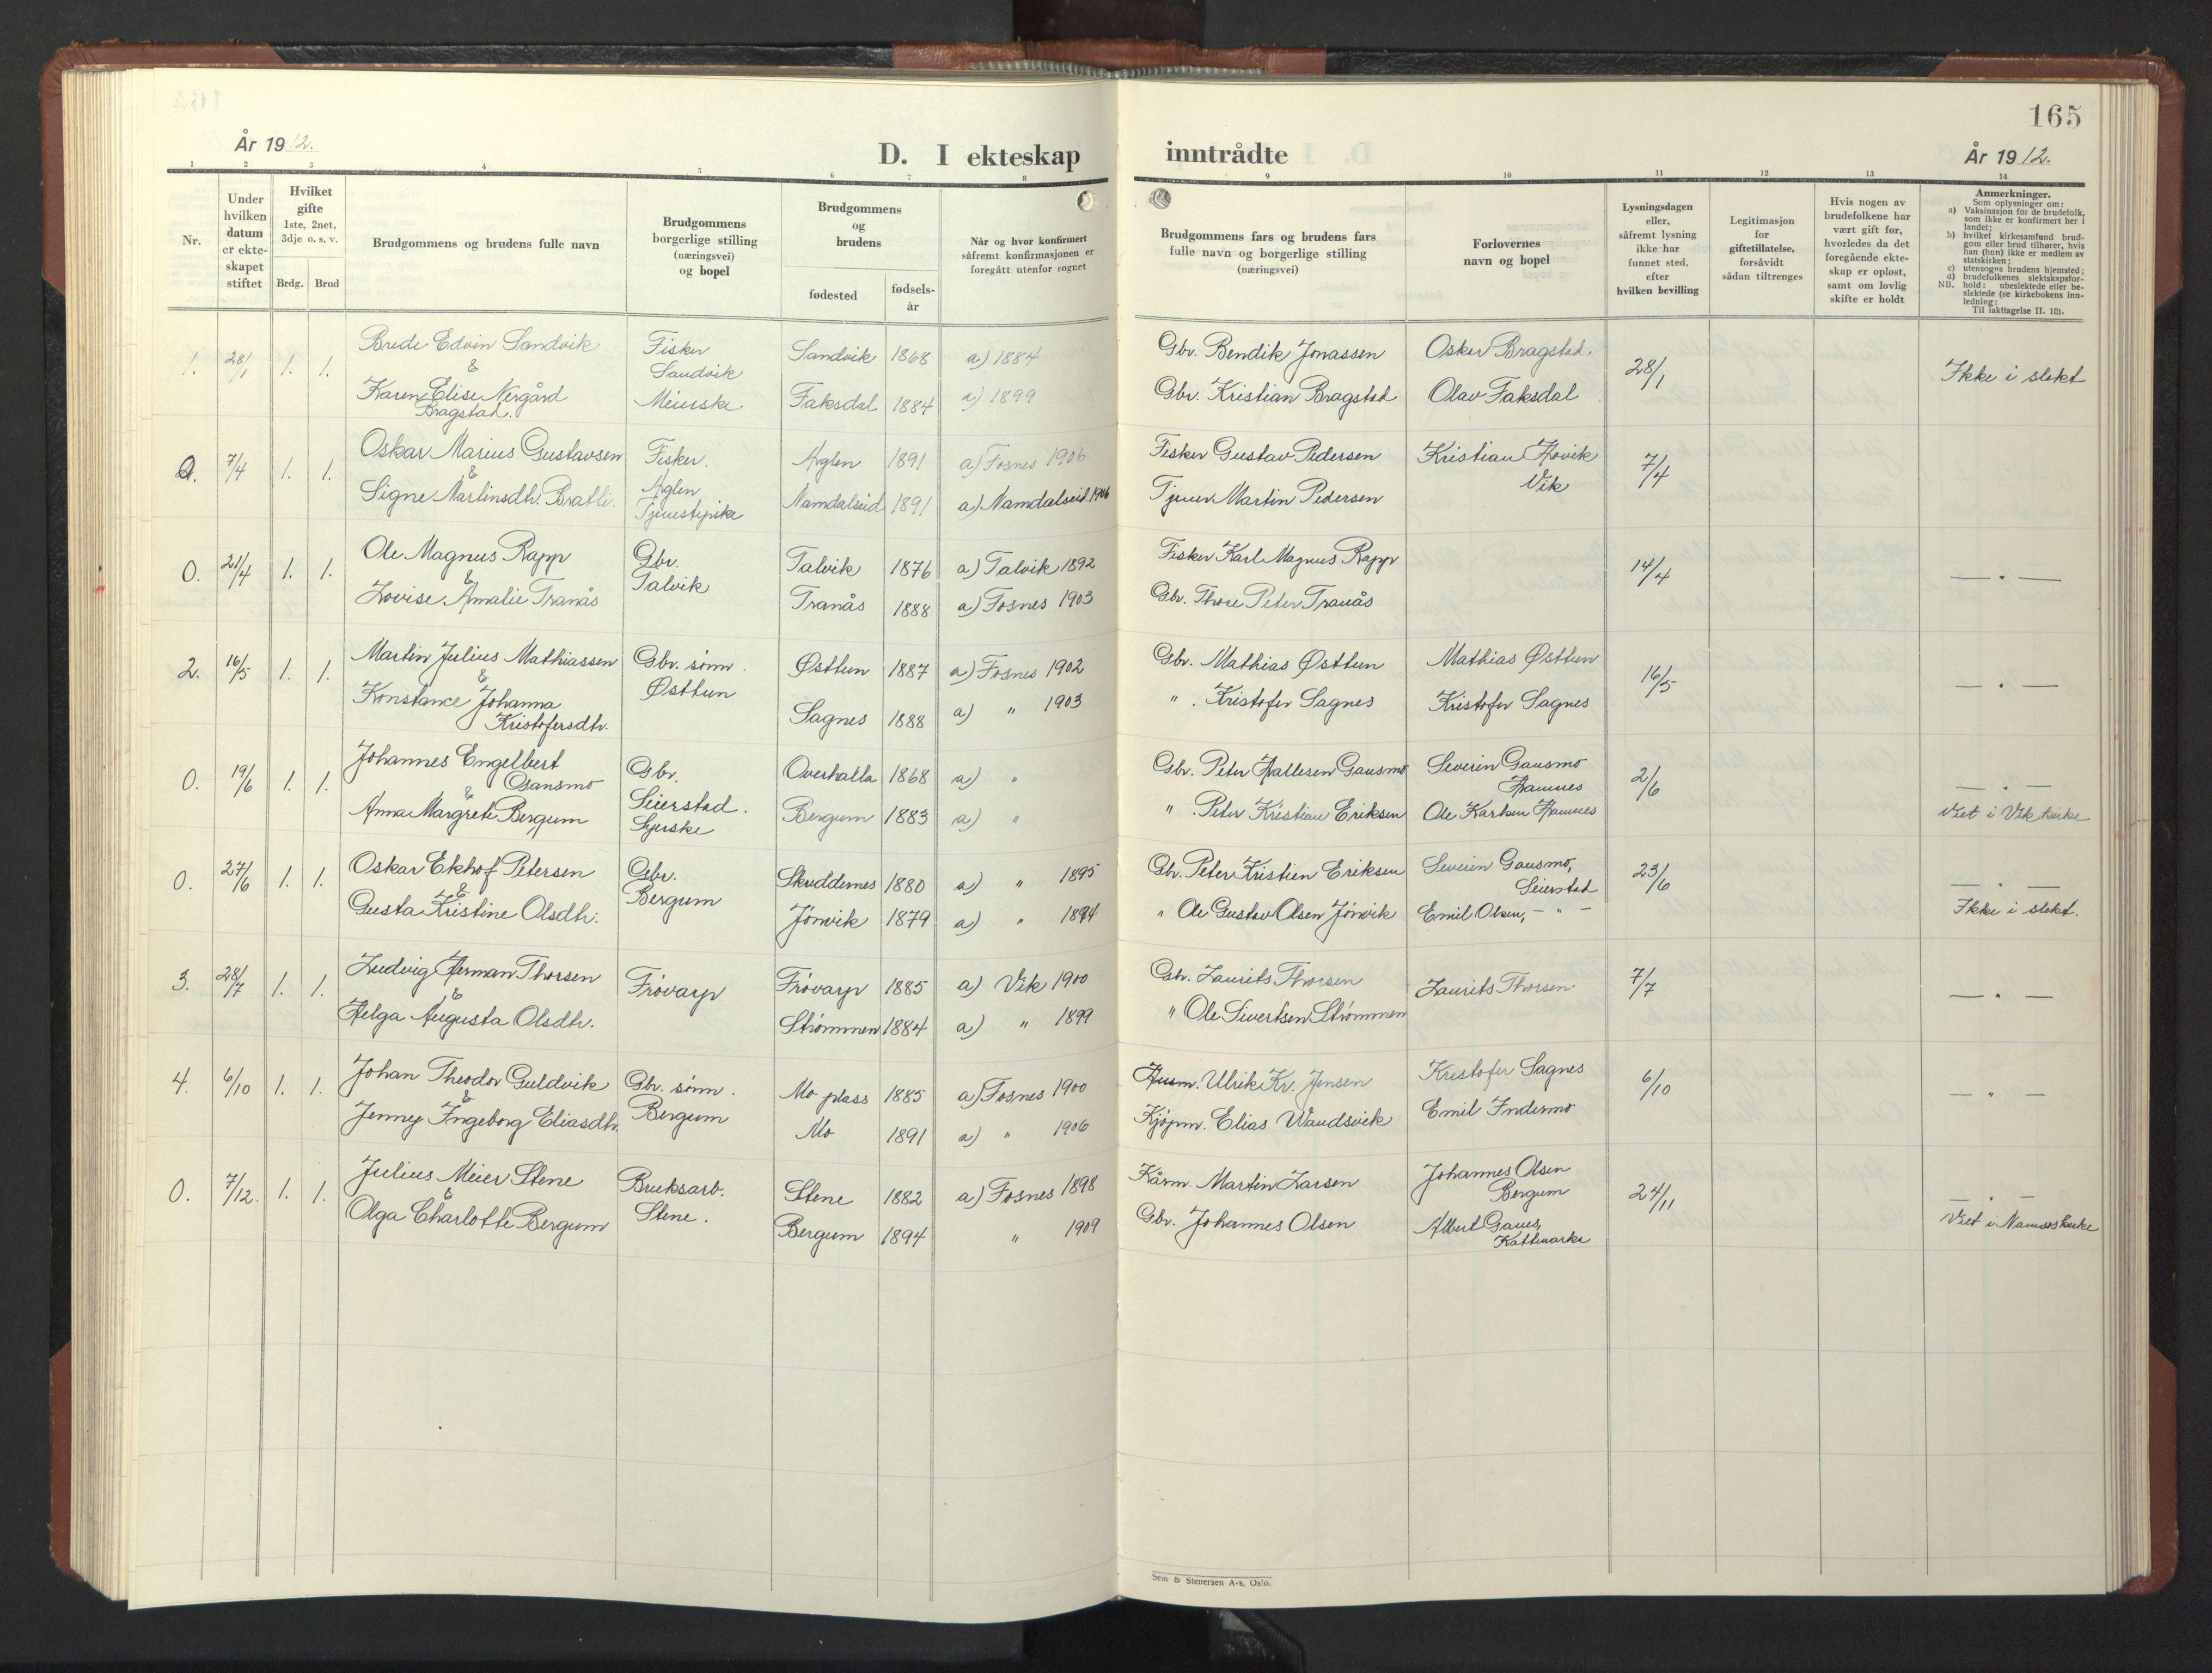 SAT, Ministerialprotokoller, klokkerbøker og fødselsregistre - Nord-Trøndelag, 773/L0625: Klokkerbok nr. 773C01, 1910-1952, s. 165